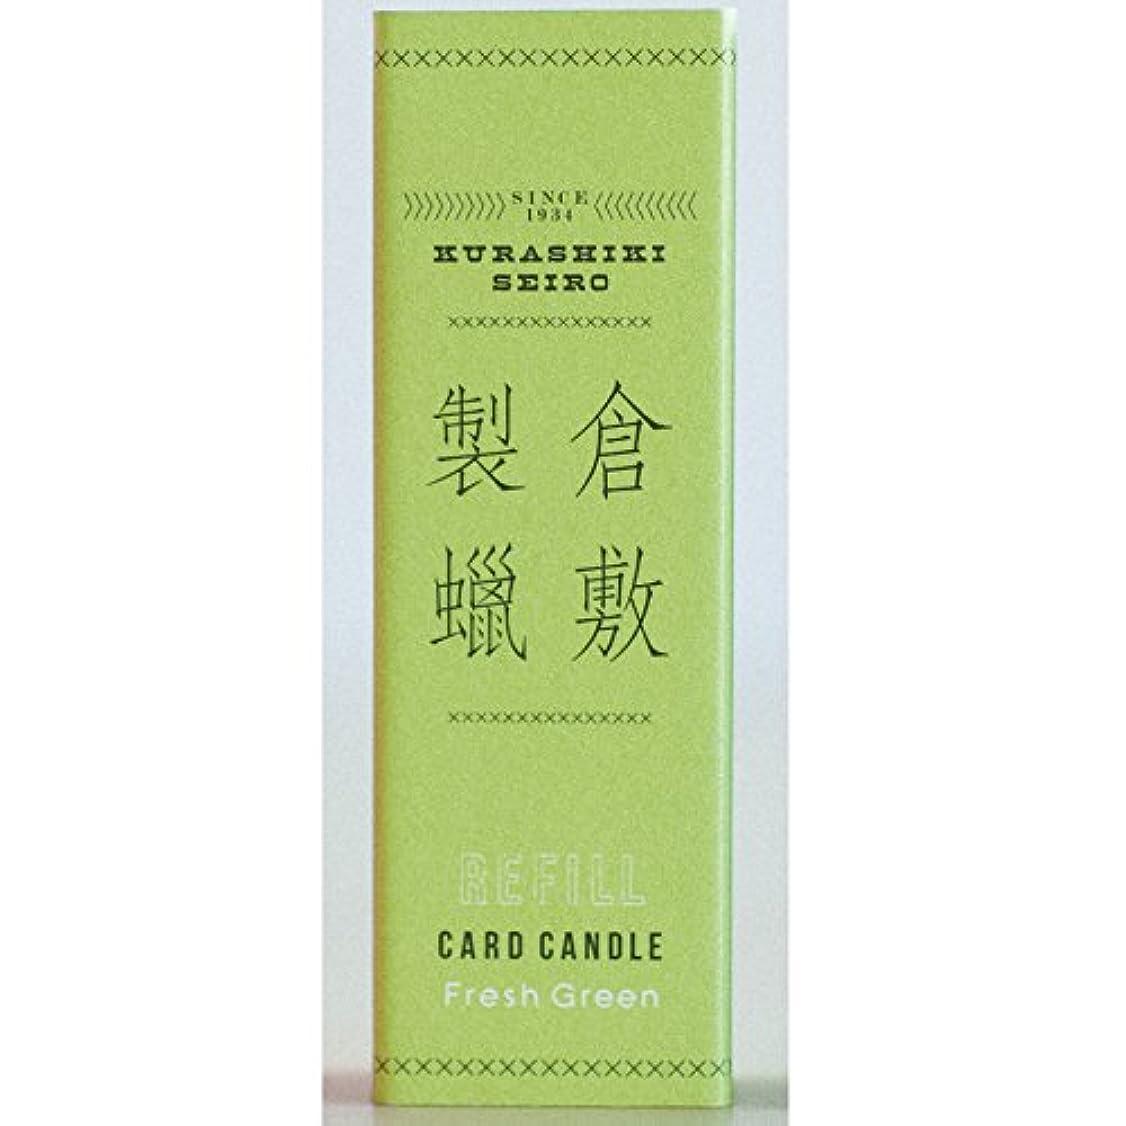 の面ではジャズ無効倉敷製蝋 CARD CANDLE REFILL (Fresh Green)